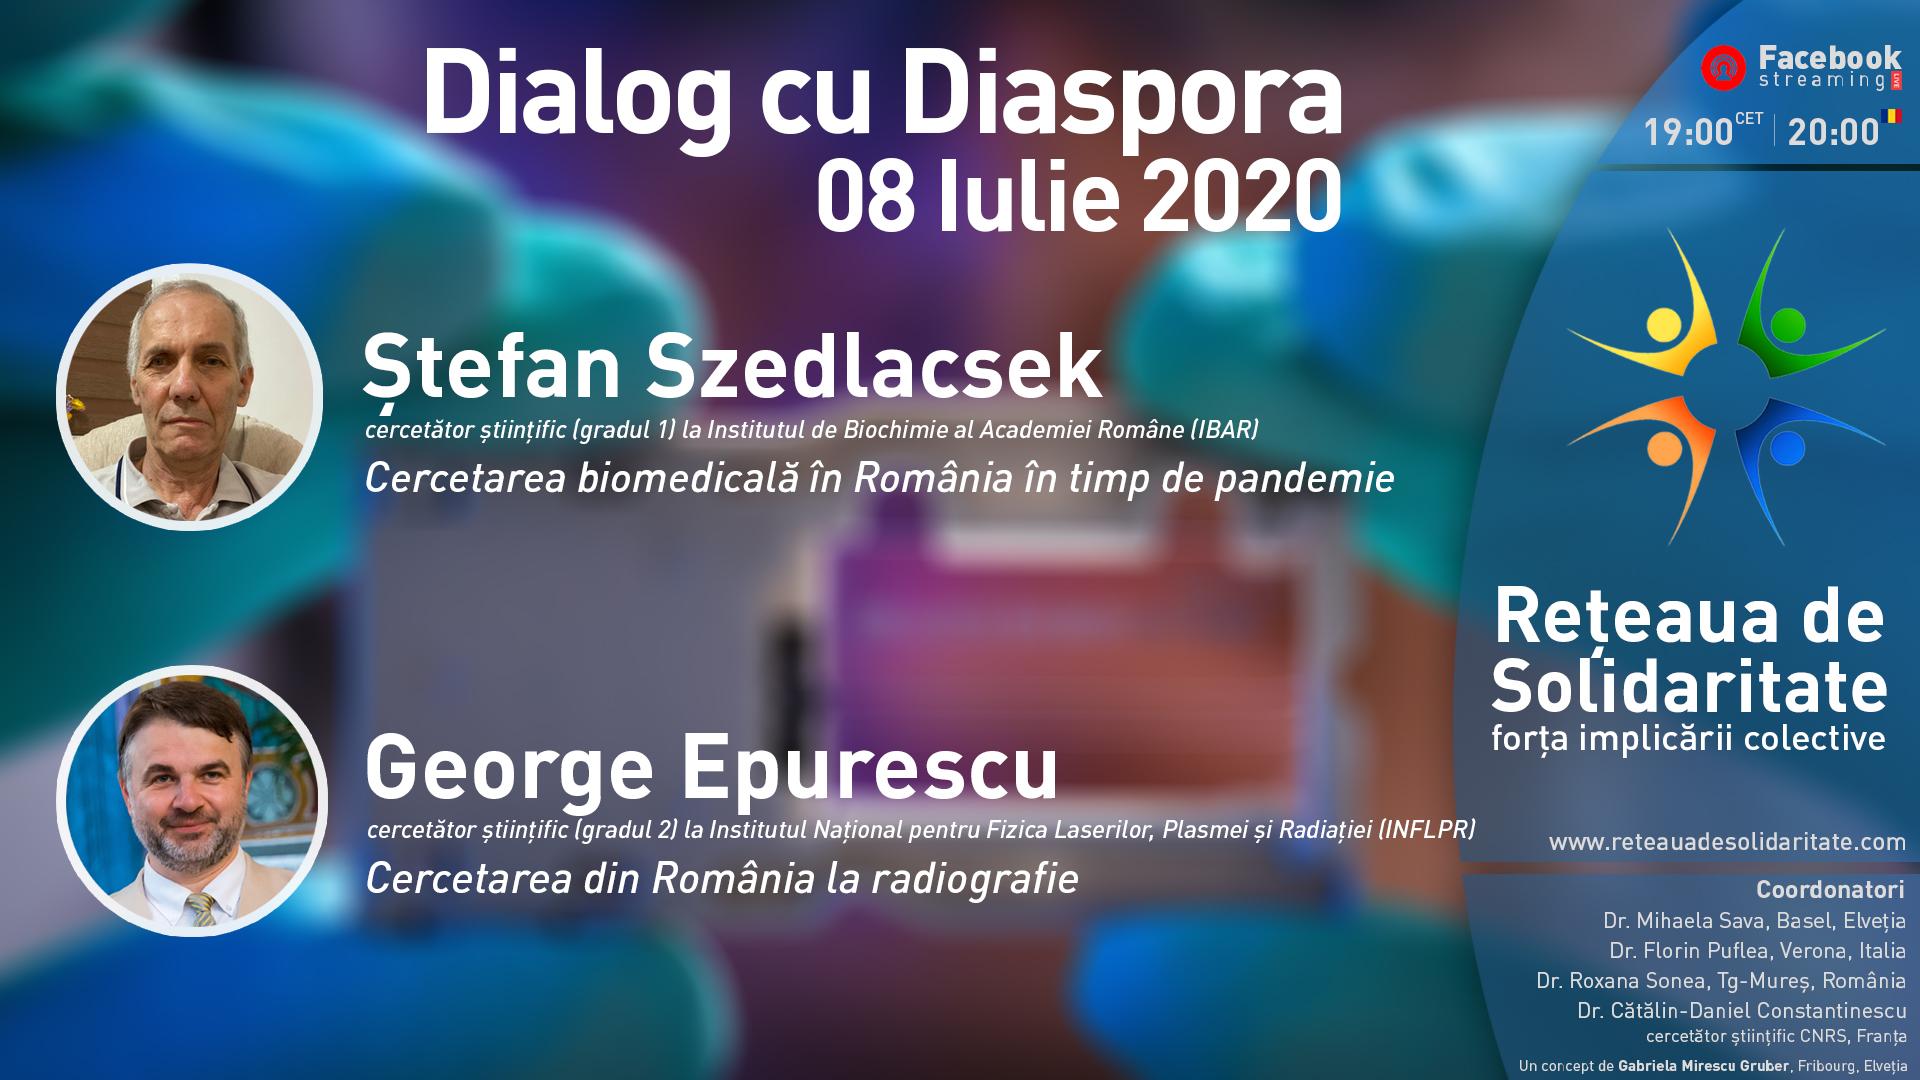 Despre cercetarea științifică din România, la Dialogul cu Diaspora de miercuri